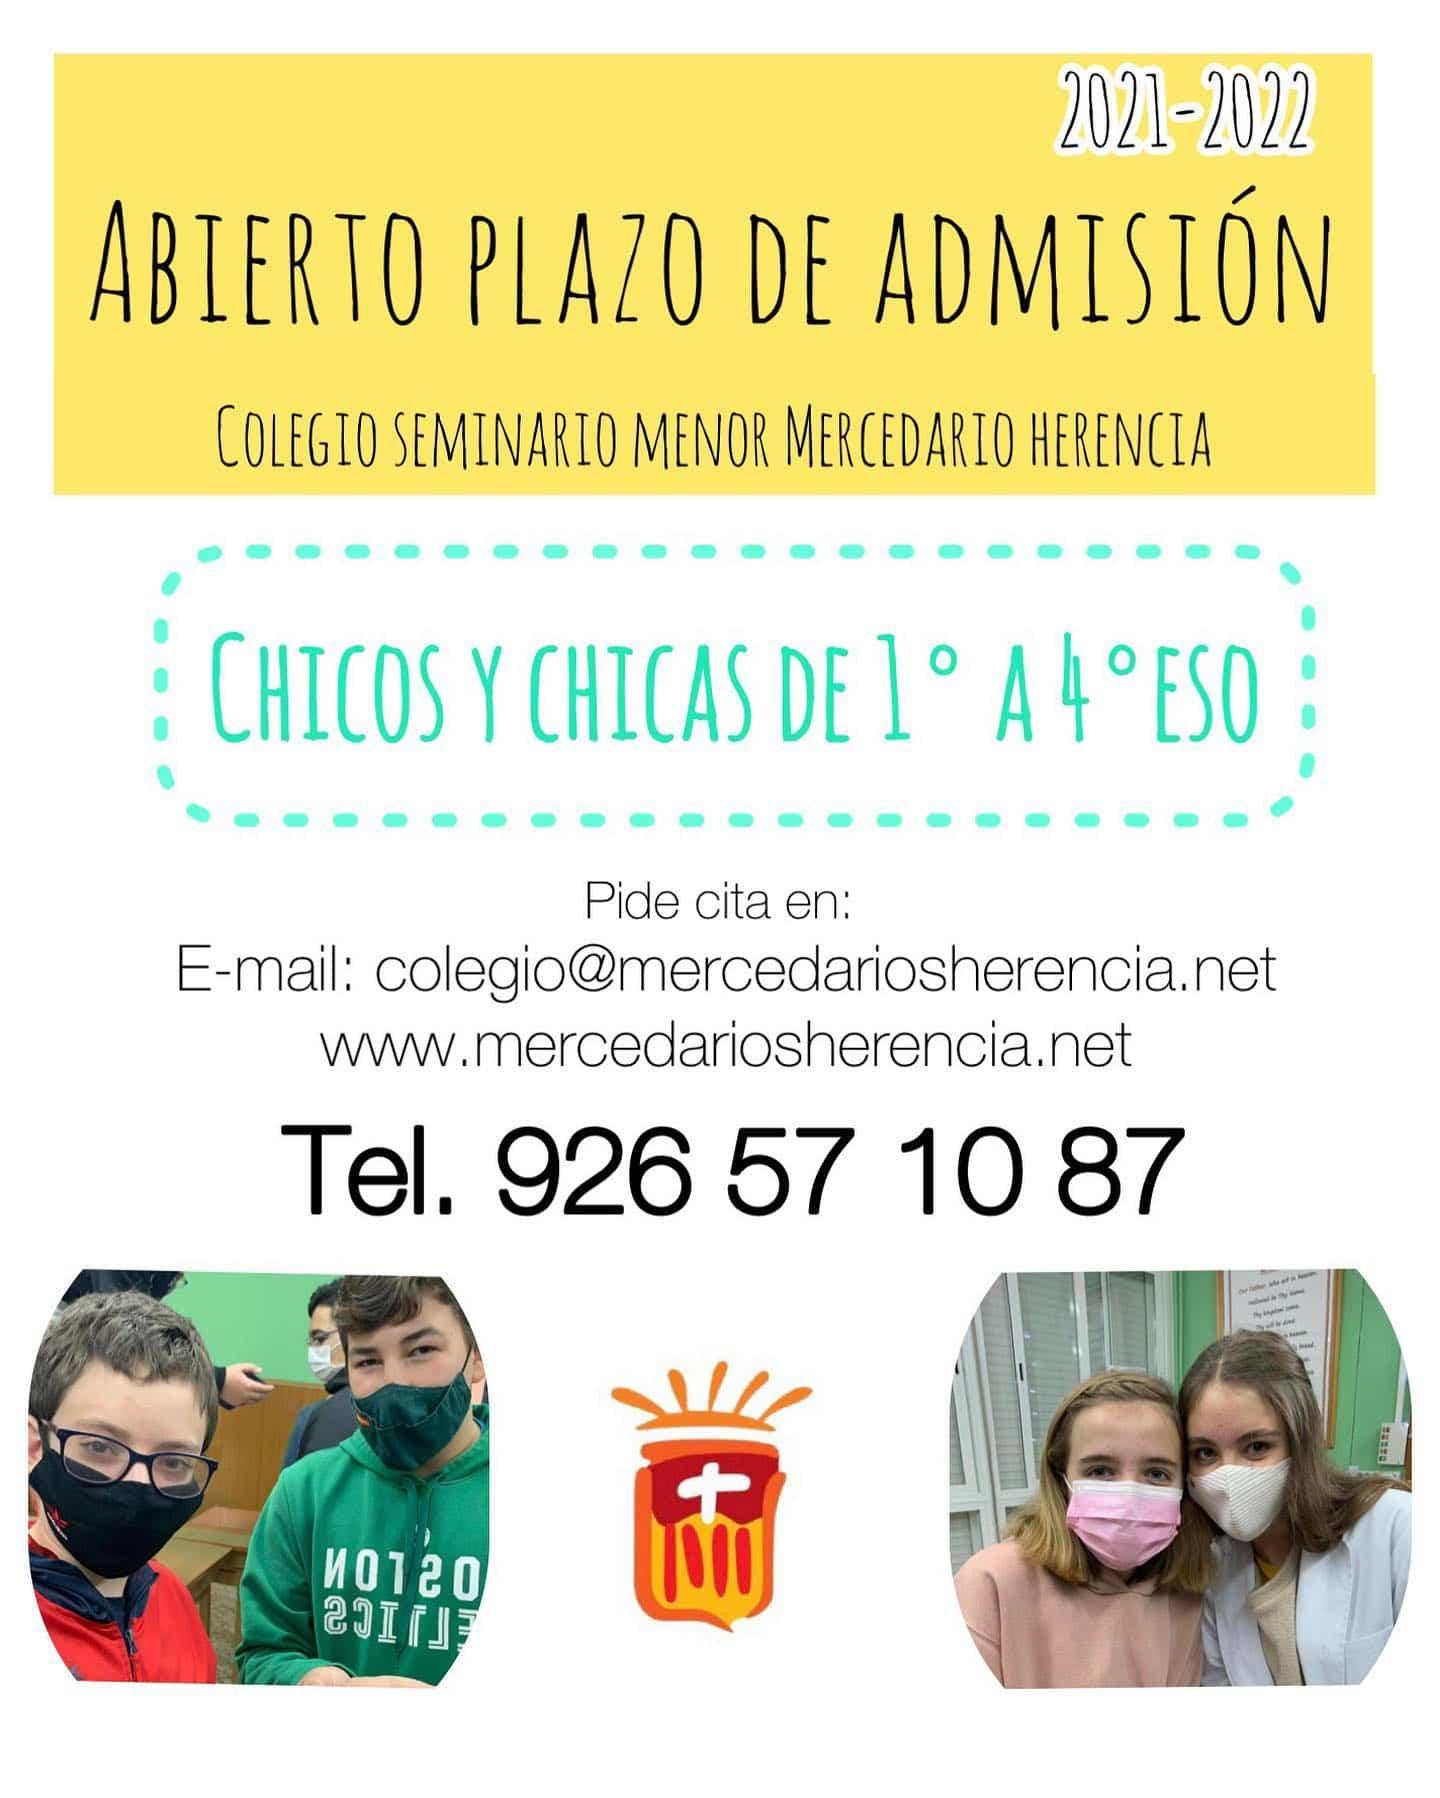 Los centros educativos mercedarios de Herencia abren el plazo de admisión para sus colegios 6